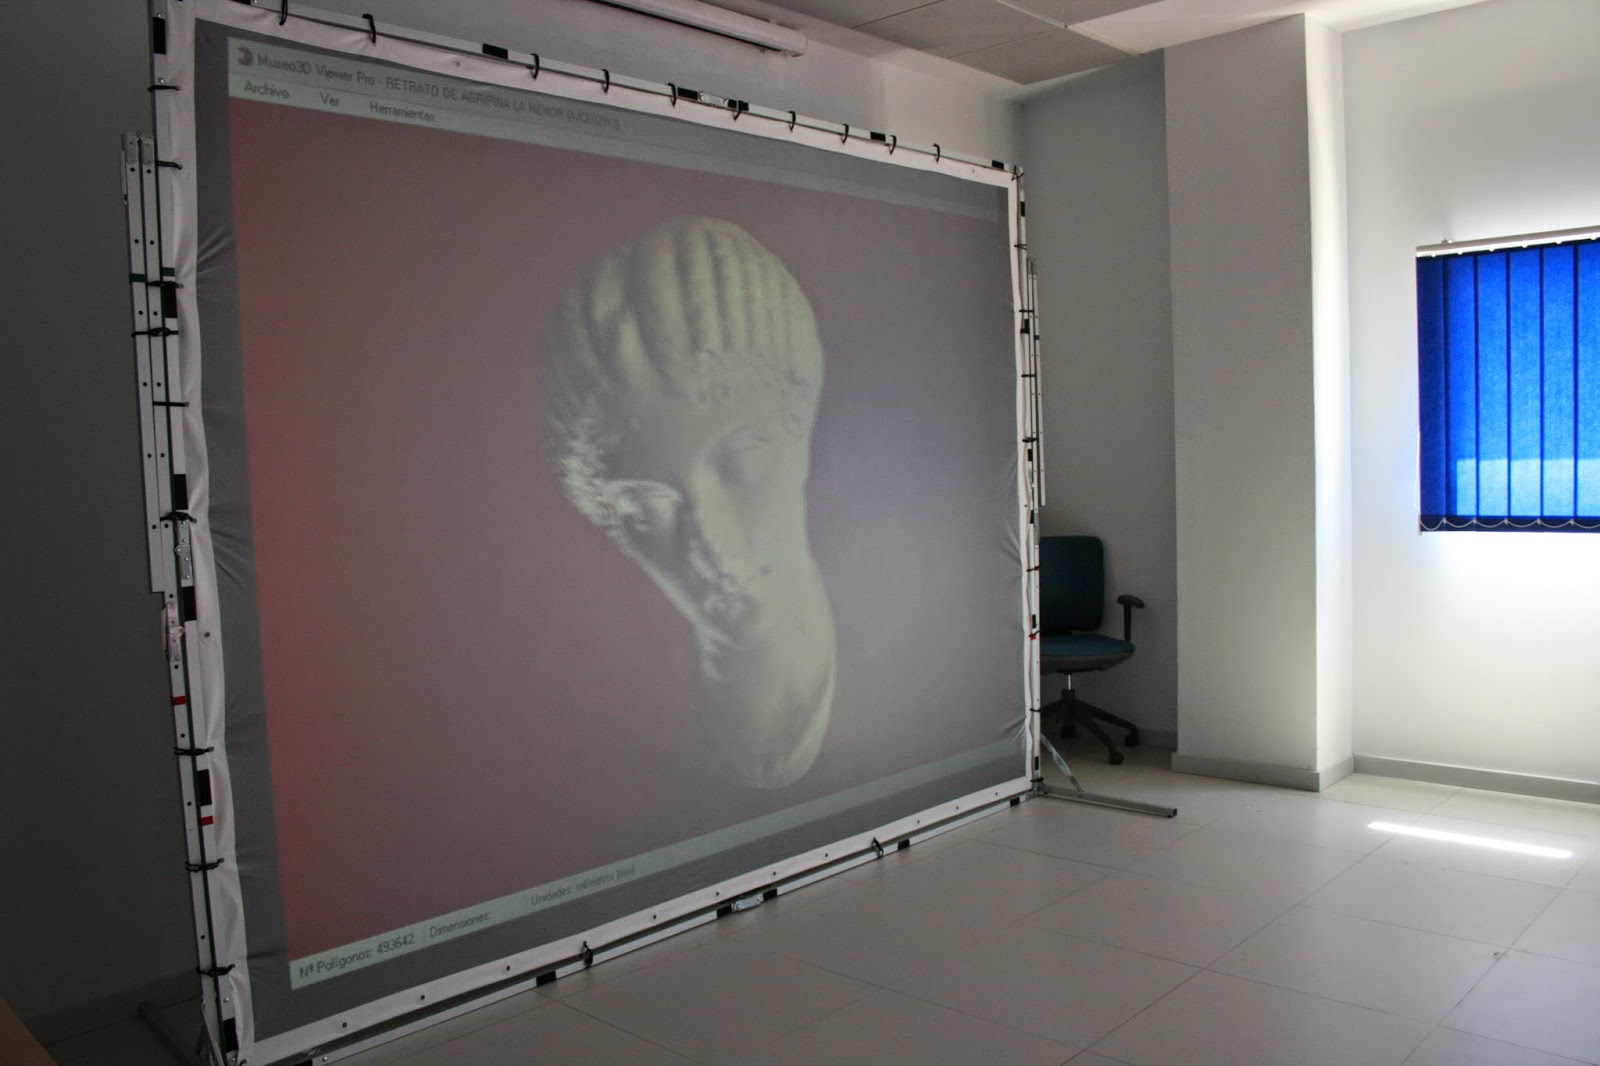 Pantalla Centro Realidad Virtual FAICO